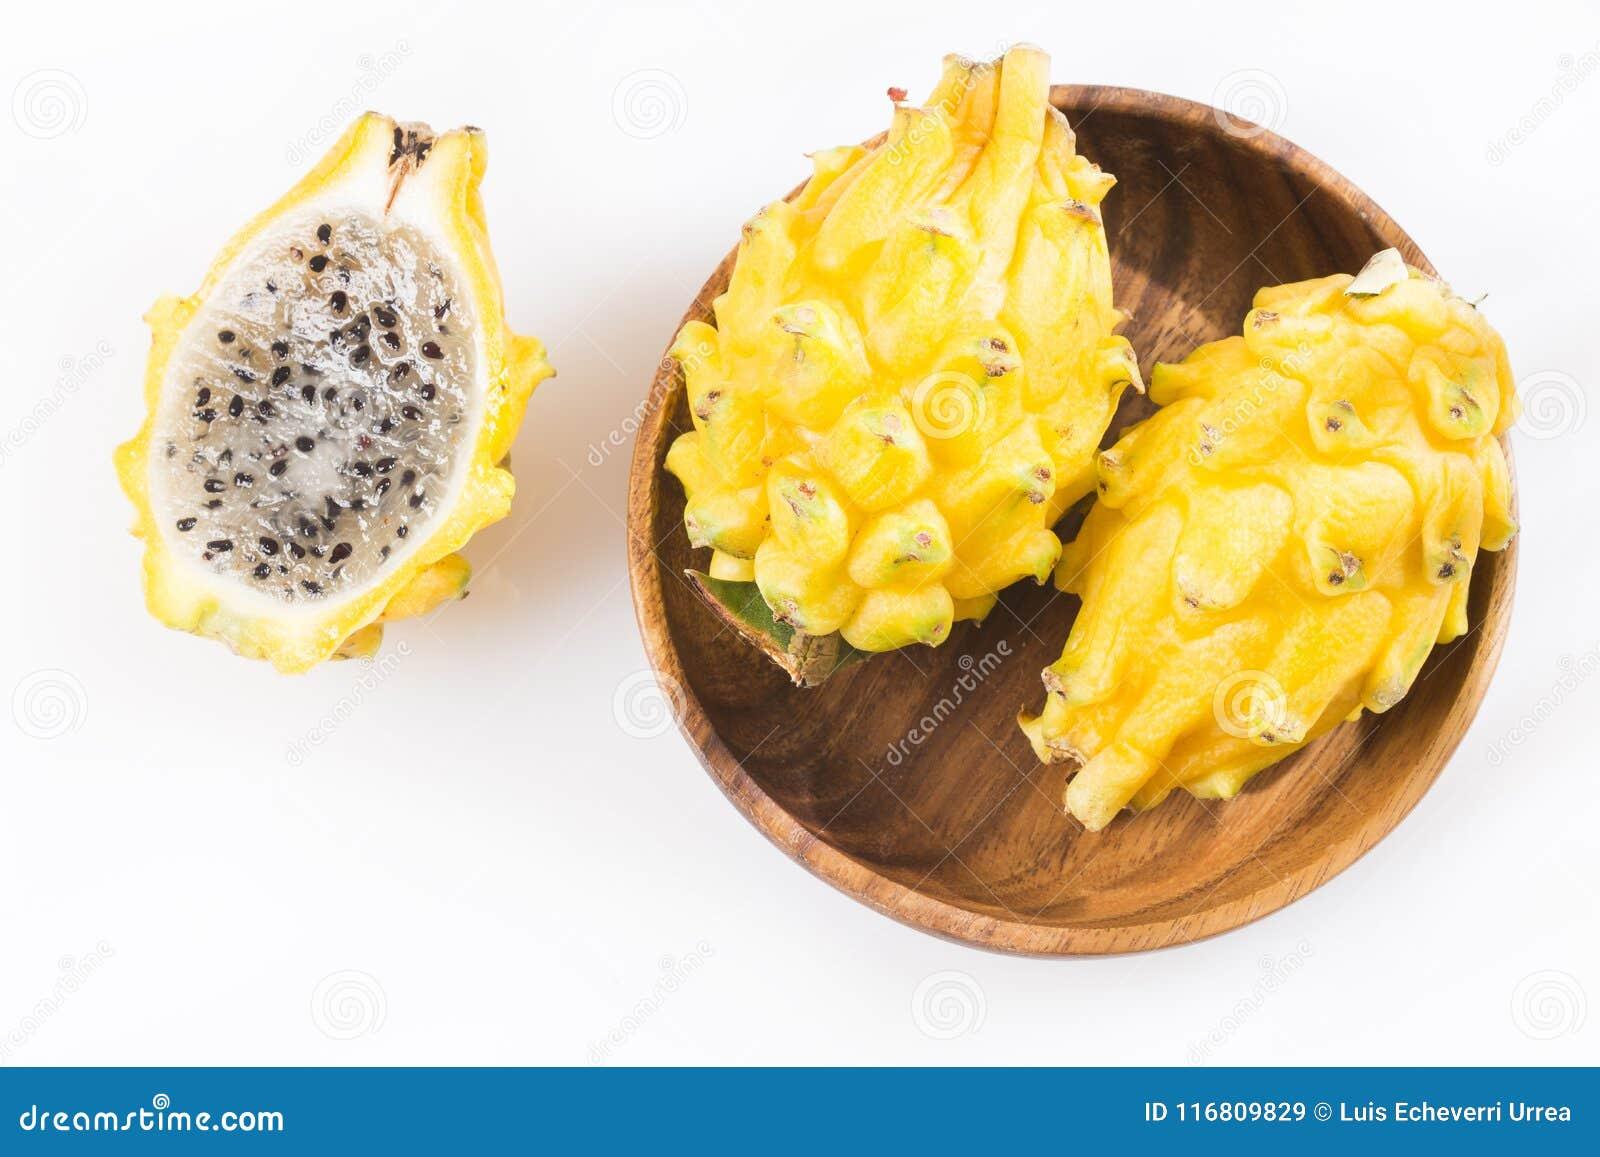 Frutta gialla del drago o di pitahaya su fondo bianco - megalanthus del Selenicereus